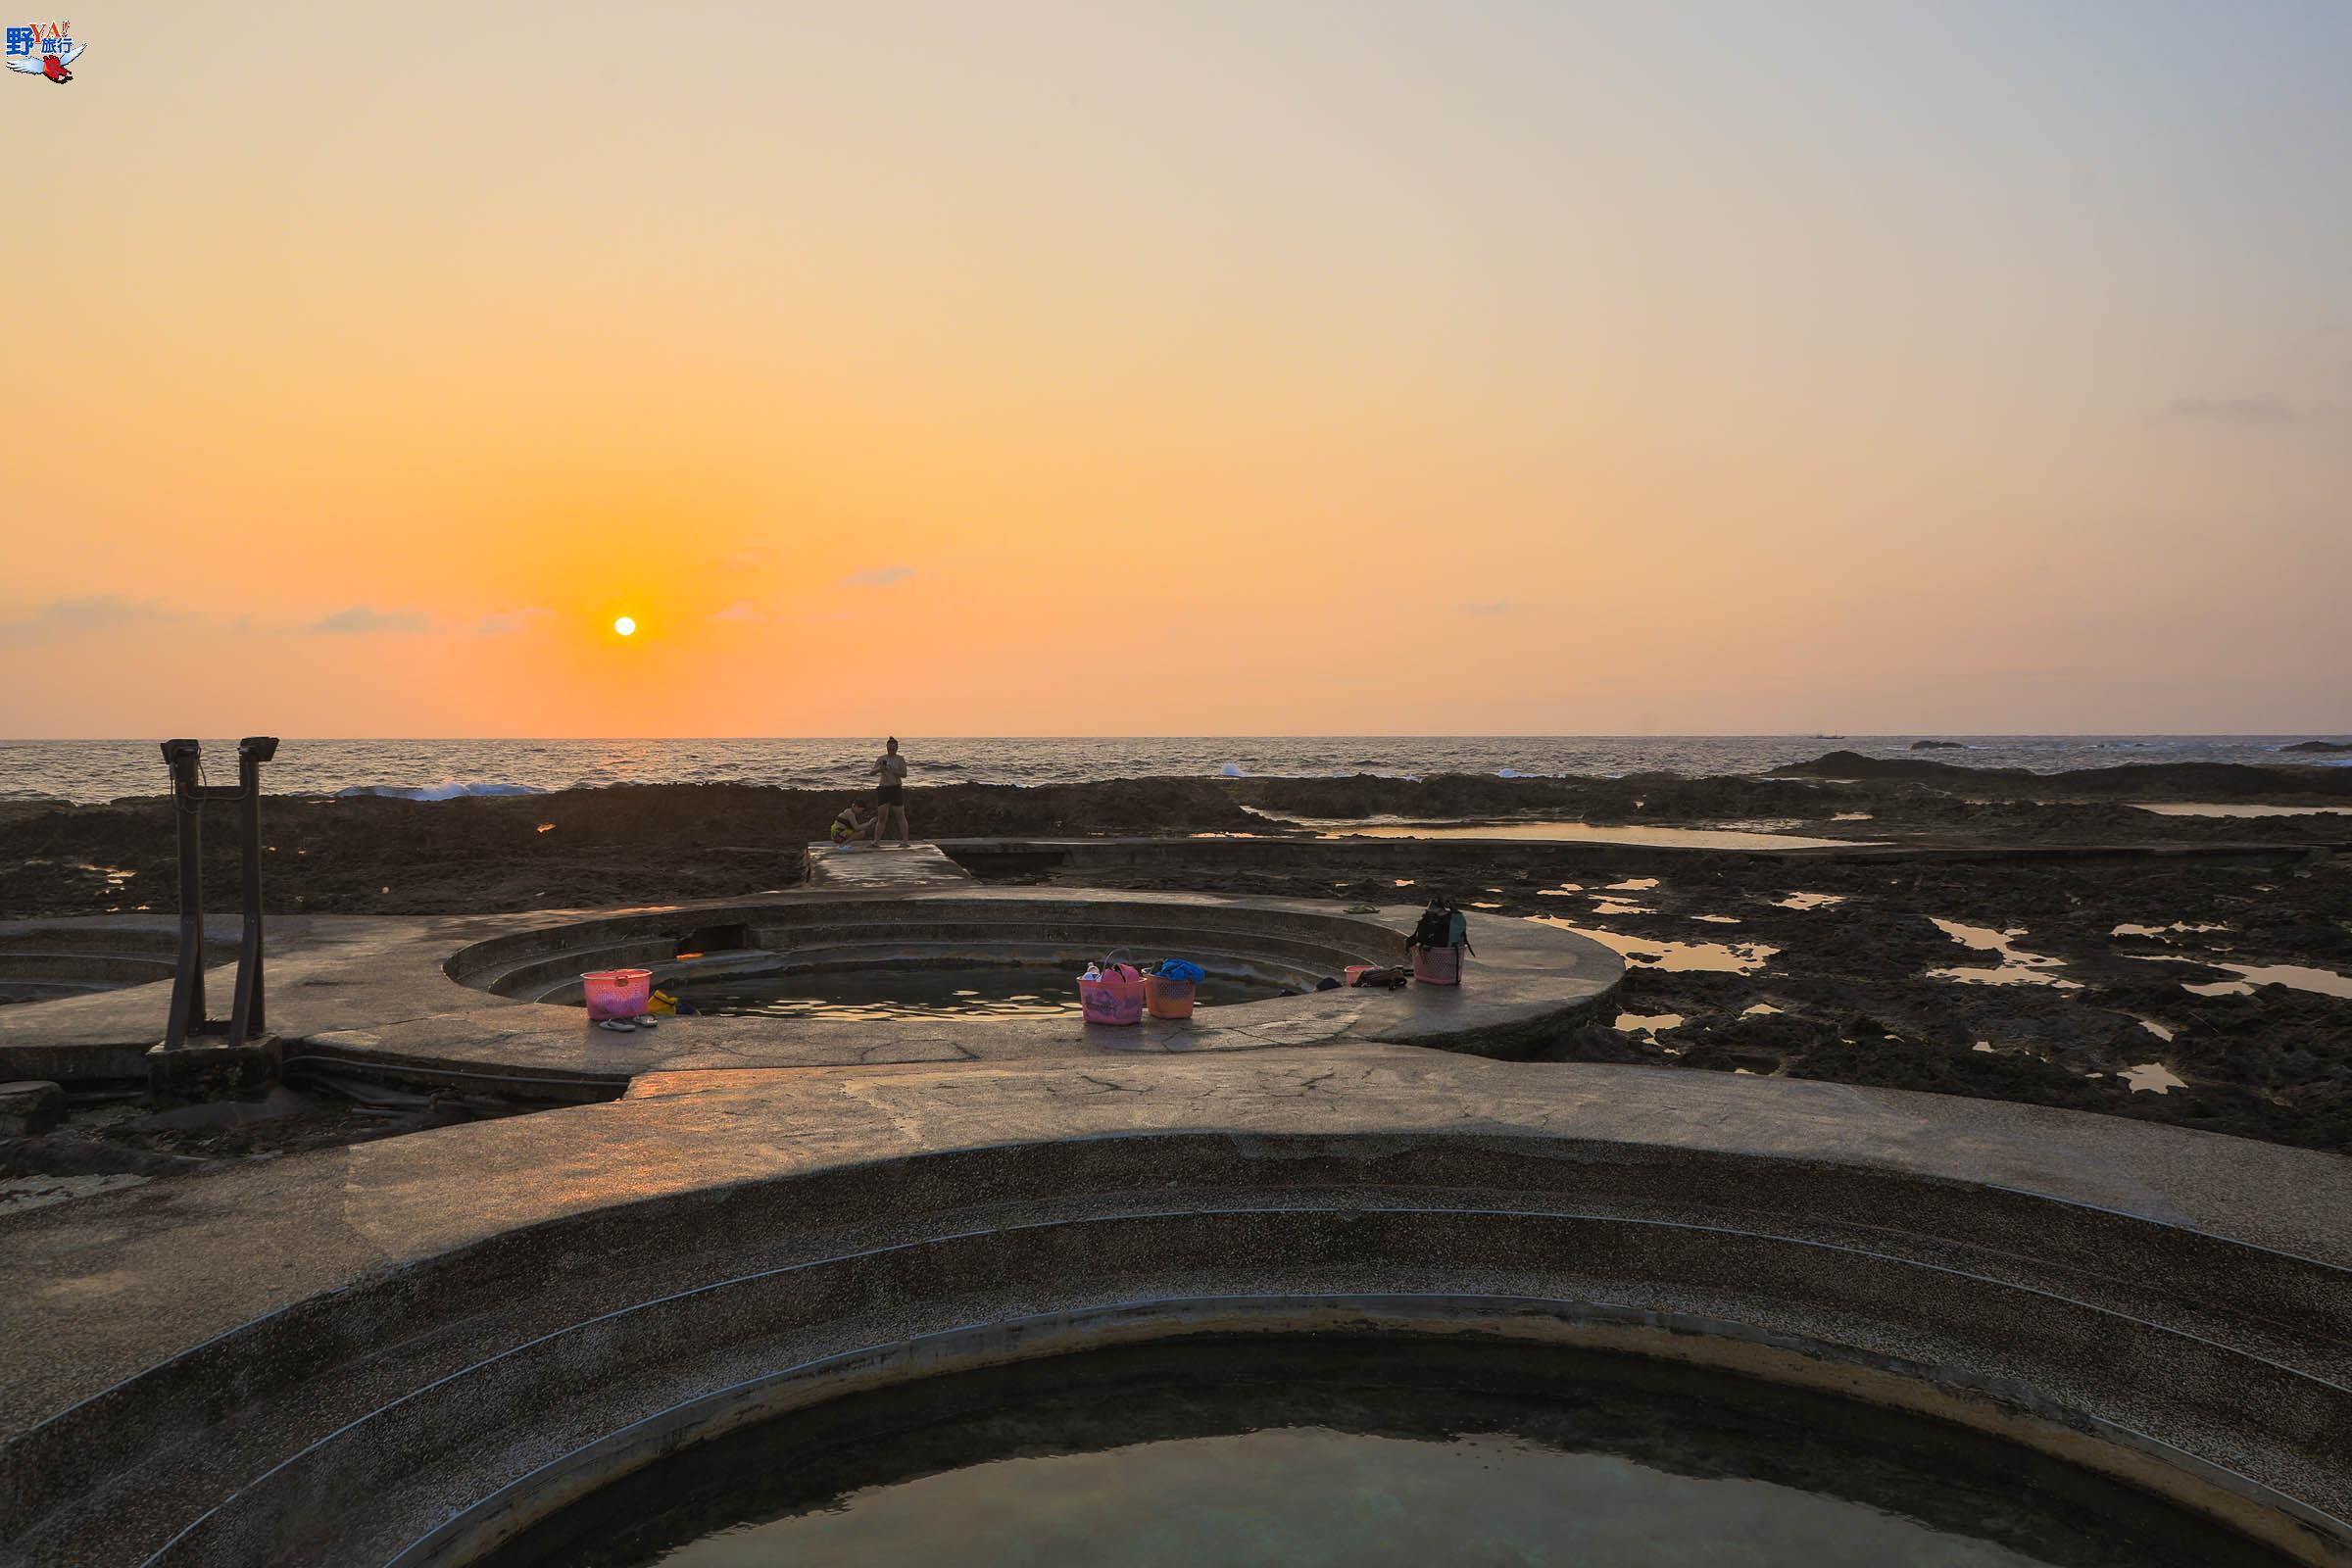 蔚藍大海洋溢希臘風情 綠島好望角民宿體驗潛水樂趣 @YA 野旅行-旅行不需要理由